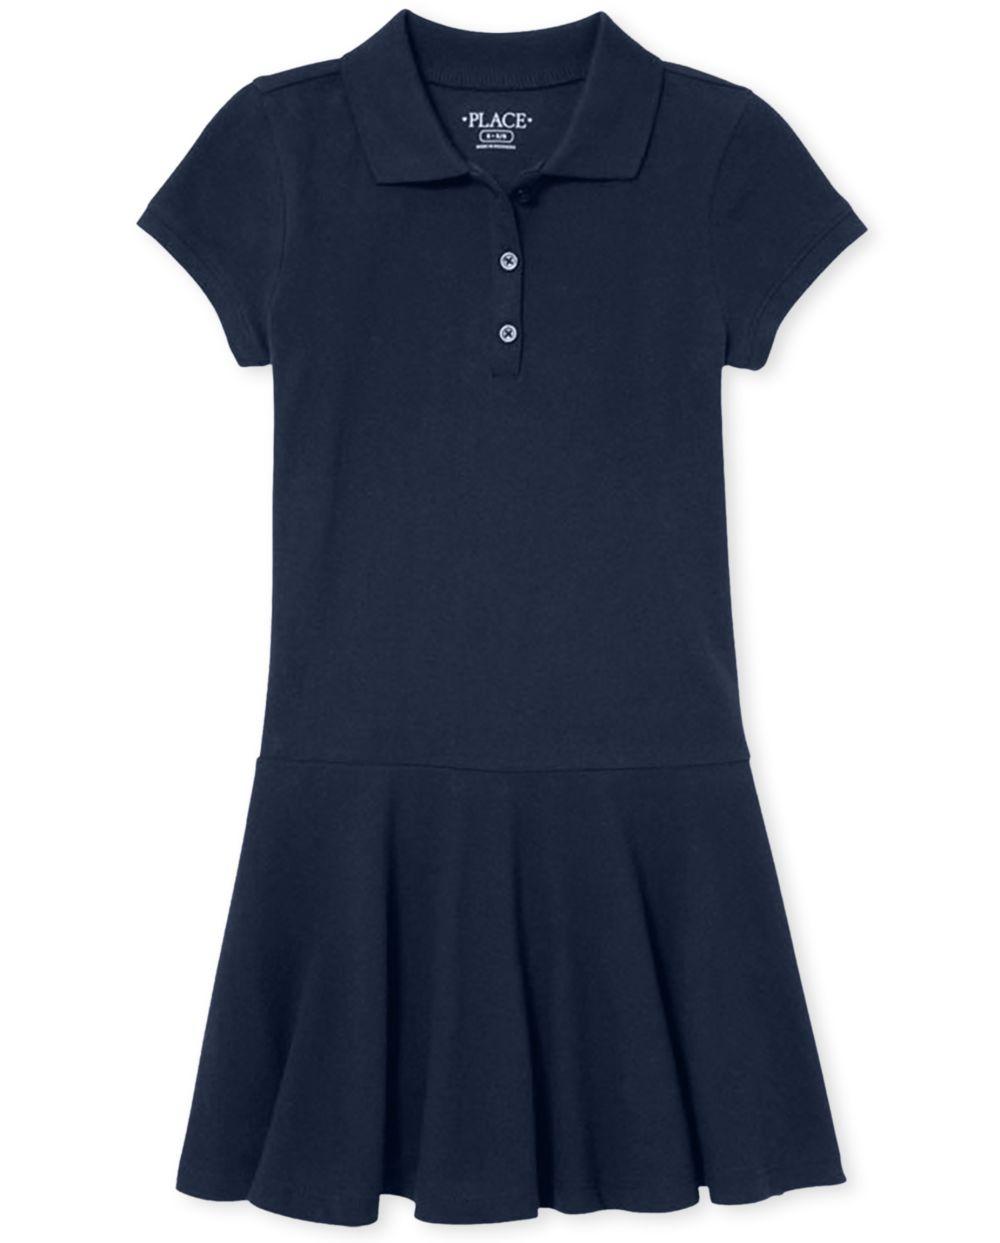 Girls Uniform Pique Polo Dress